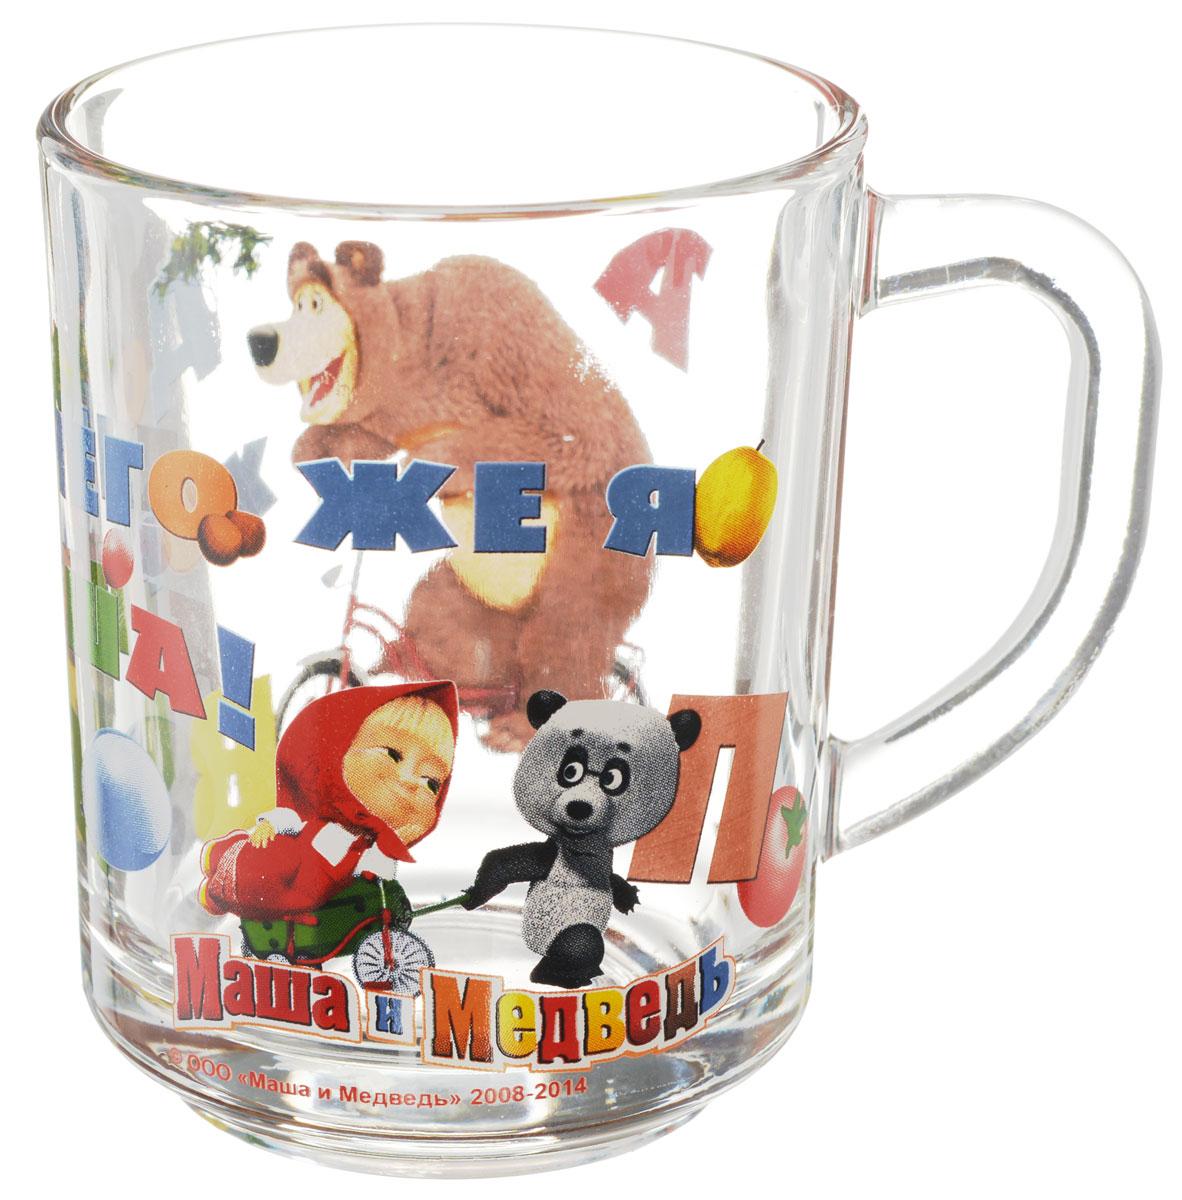 Маша и Медведь Кружка детская Школьная 250 мл5502902Детская кружка Маша и Медведь Школьная с любимыми героями станет отличным подарком для вашего ребенка. Она выполнена из стекла и оформлена изображением героев мультсериала Маша и Медведь. Кружка дополнена удобной ручкой. Такой подарок станет не только приятным, но и практичным сувениром: кружка будет незаменимым атрибутом чаепития, а оригинальное оформление кружки добавит ярких эмоций и хорошего настроения. Можно мыть в посудомоечной машине.